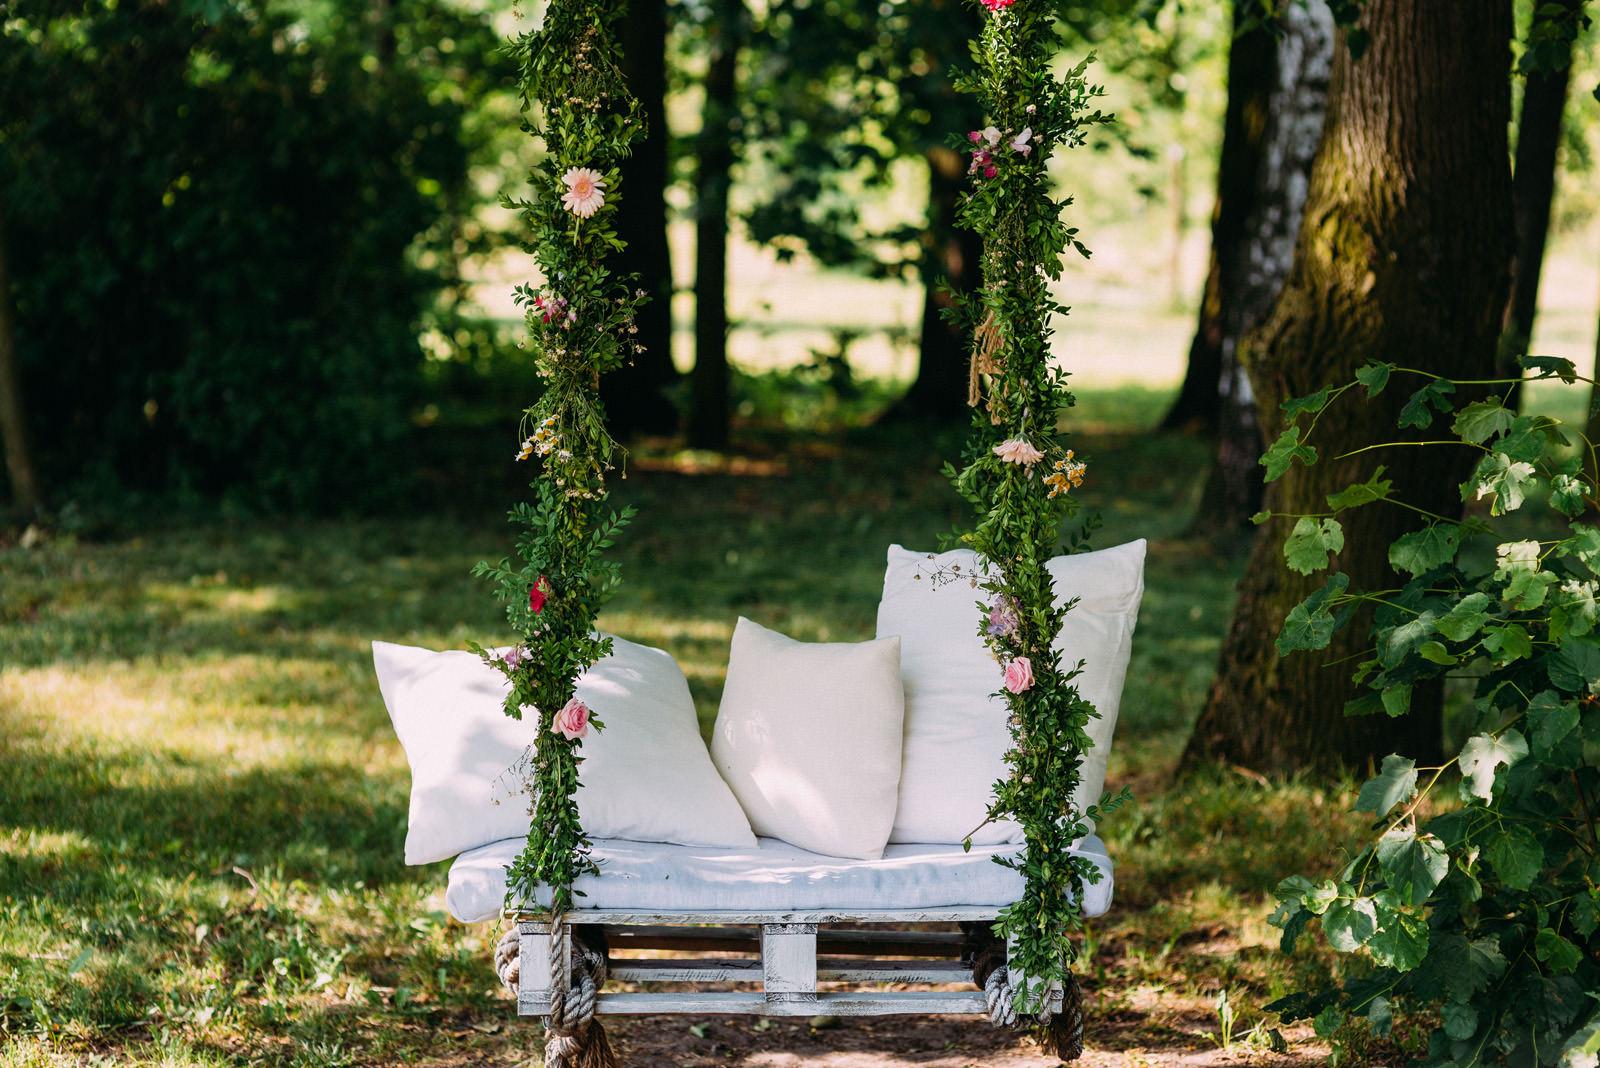 Osada młyńska i wesele plenerowe Oryszew - dekoracje florystyczne strefy chillout - Luke Sezeck fotografia